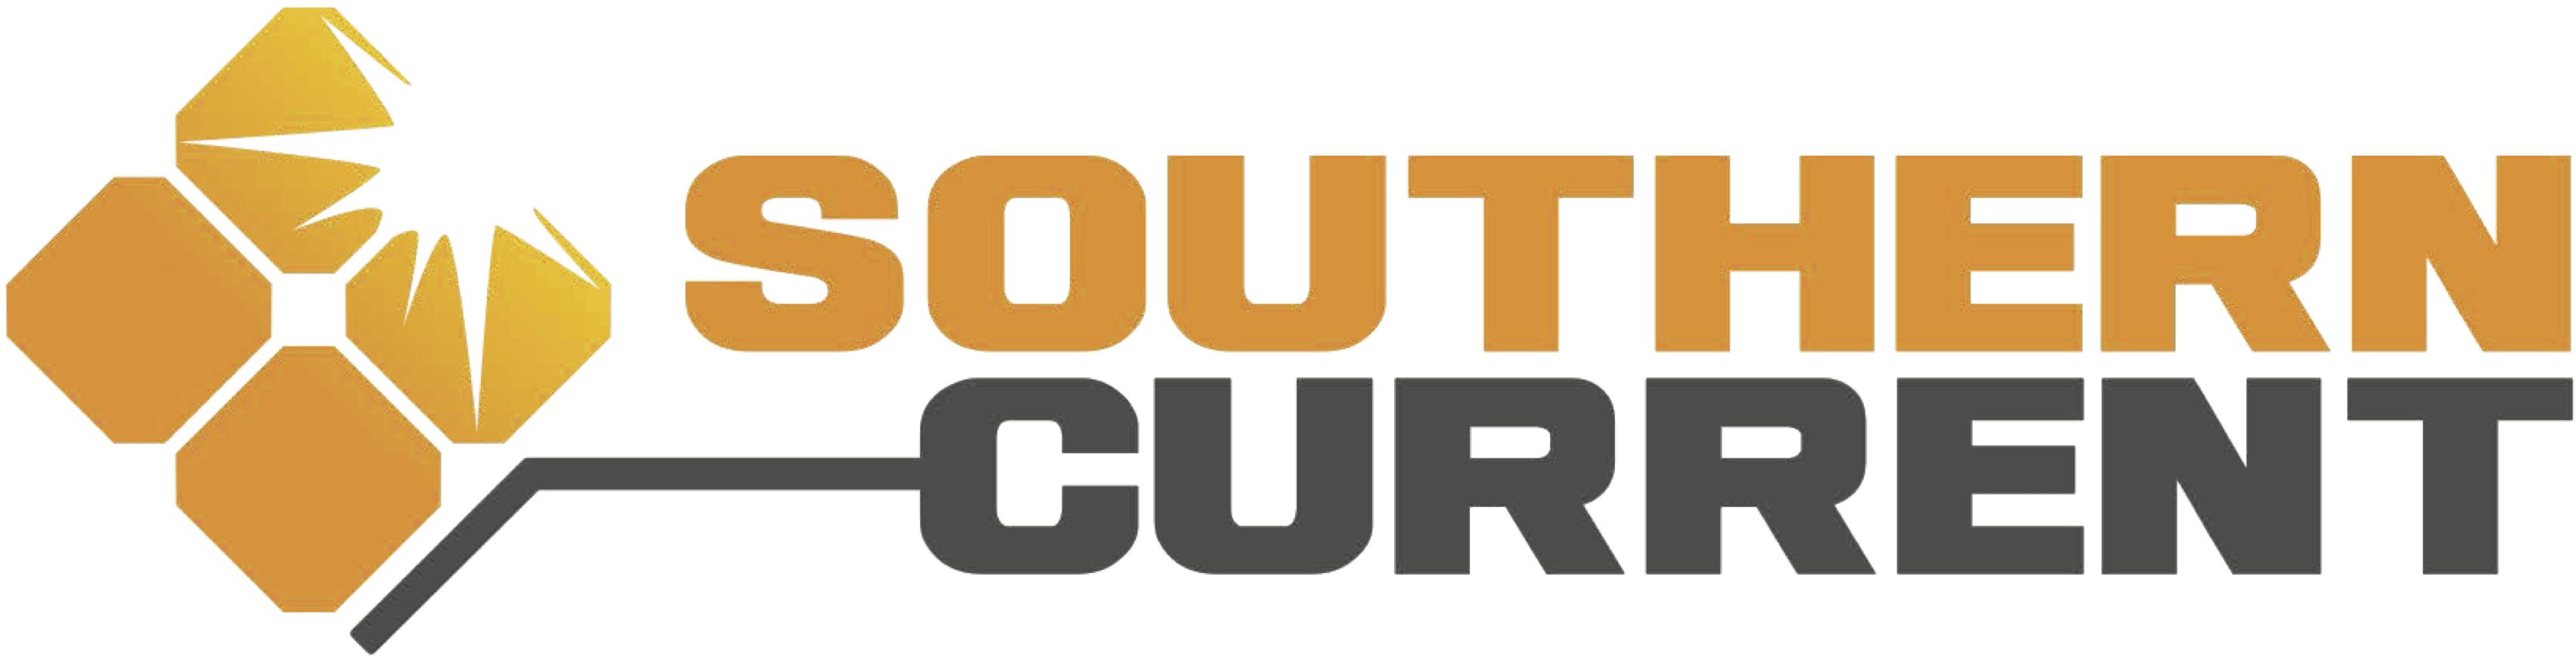 southern-current-9dba3d9b864056fb7db0038f960bdd02